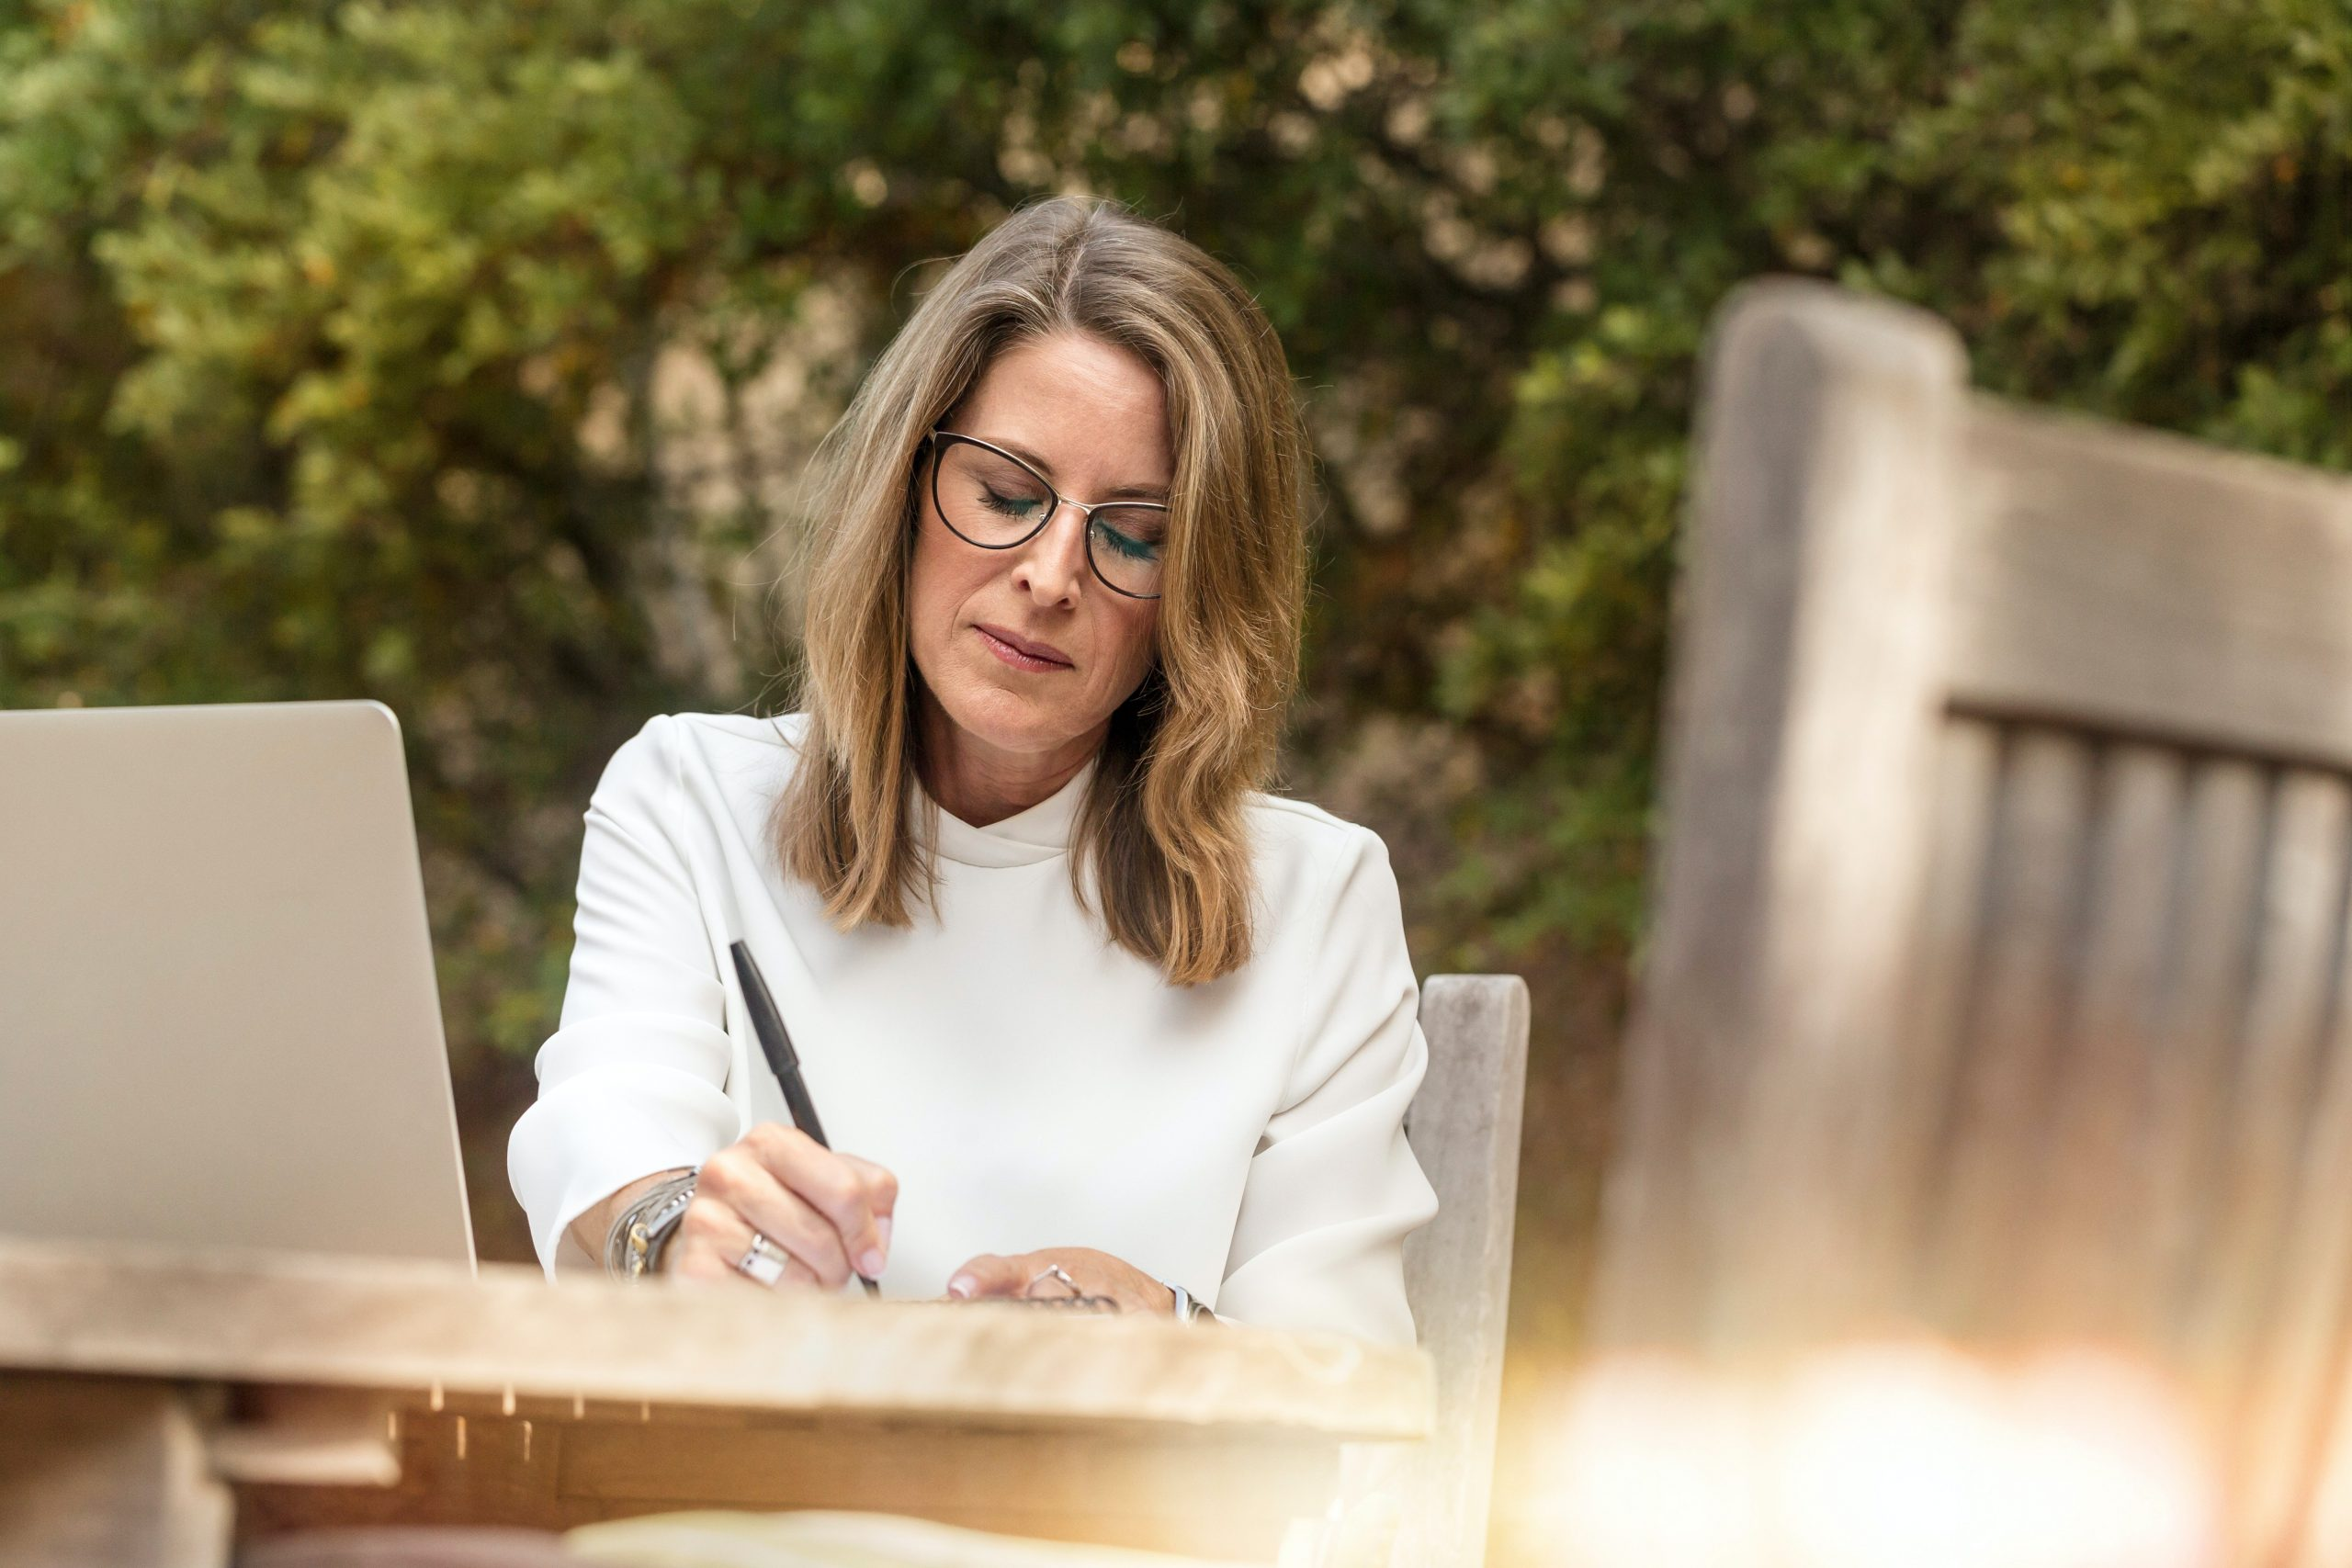 DHL ambiciona contar con que 30% de su plantilla de directivos y ejecutivos, sean mujeres